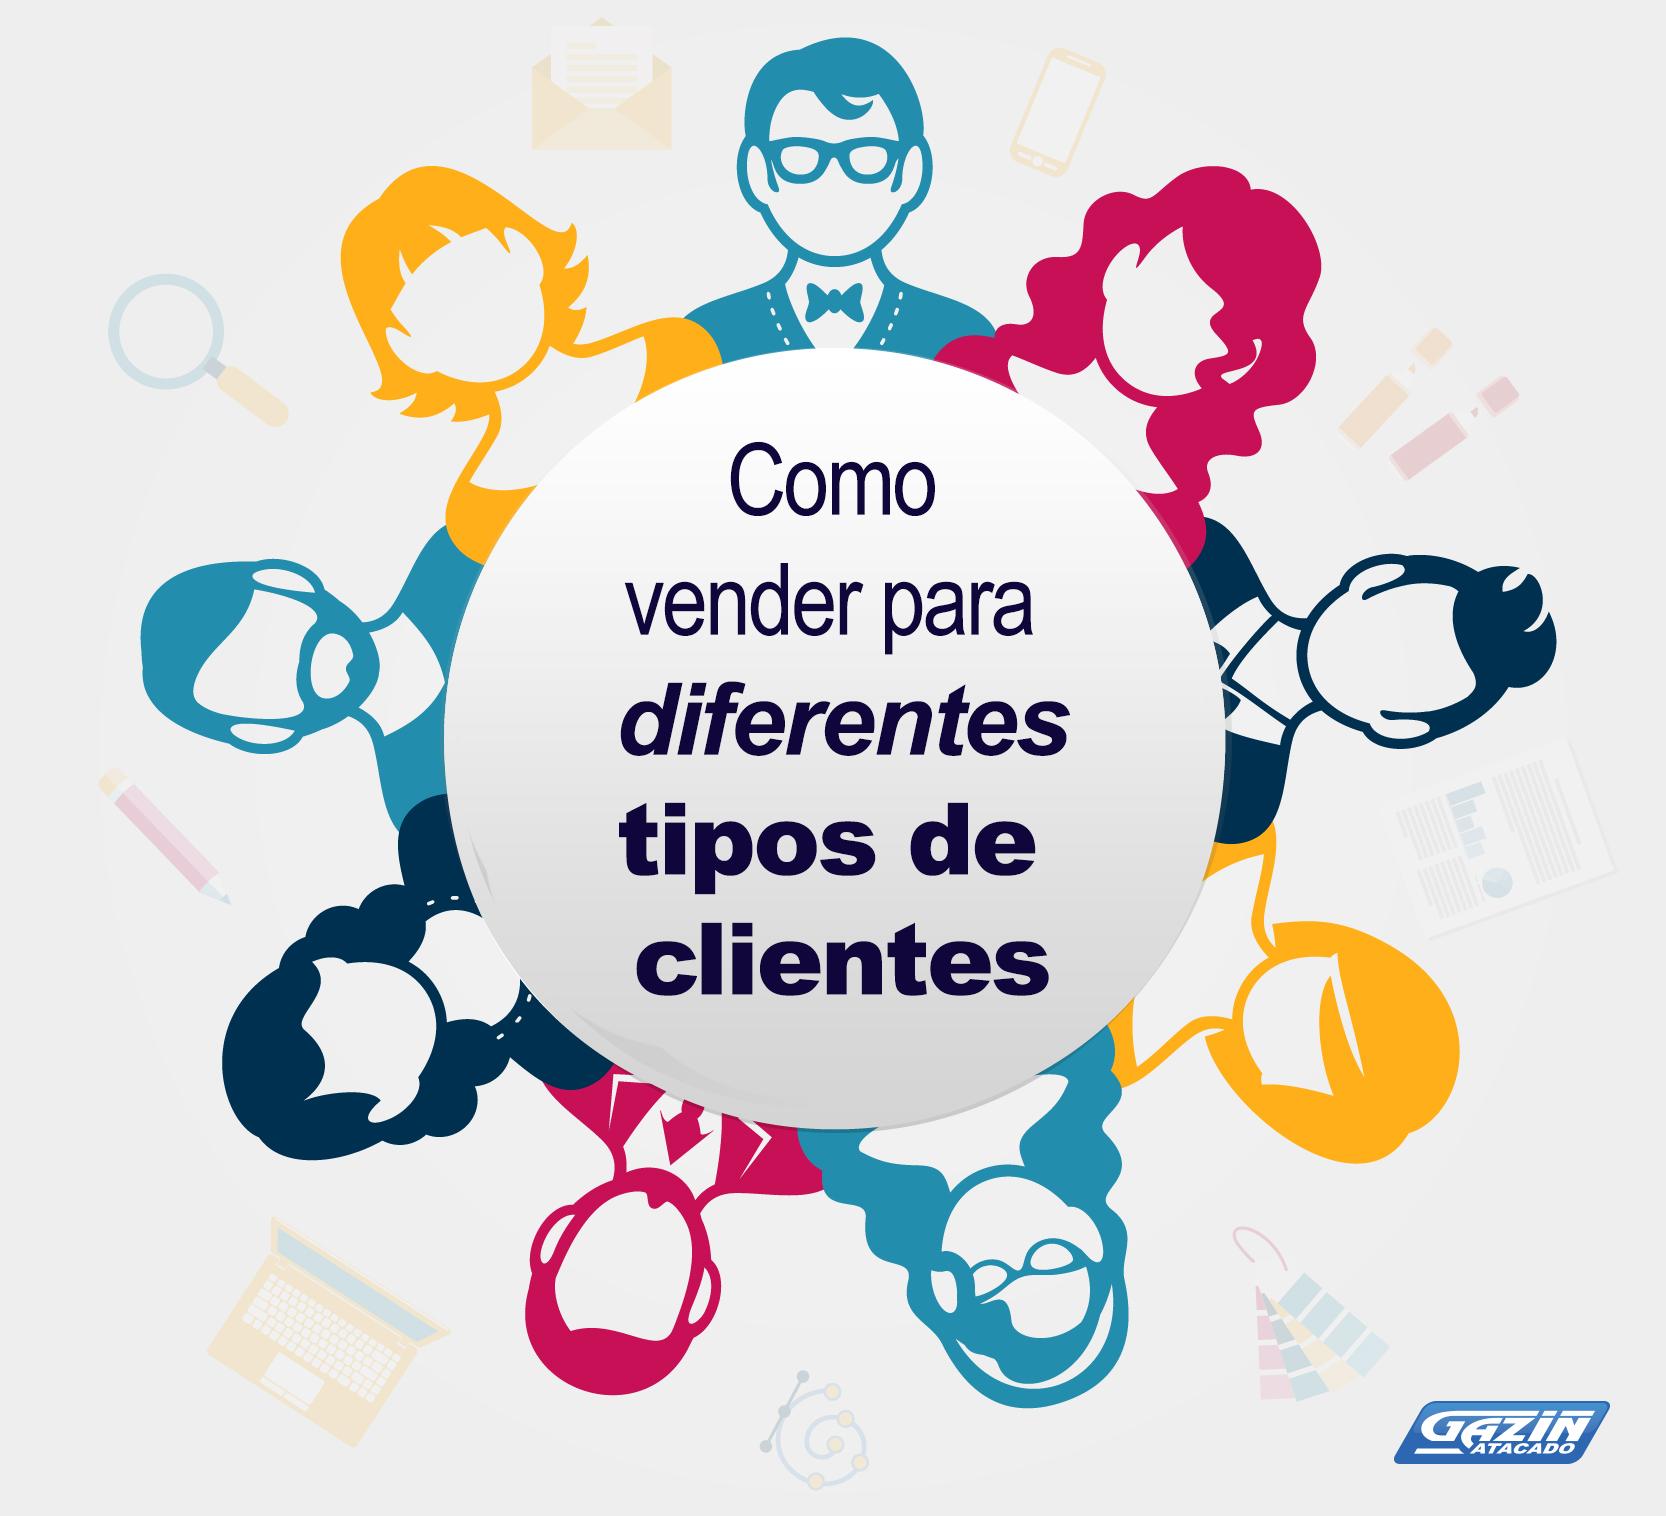 Como vender para diferentes tipos de clientes